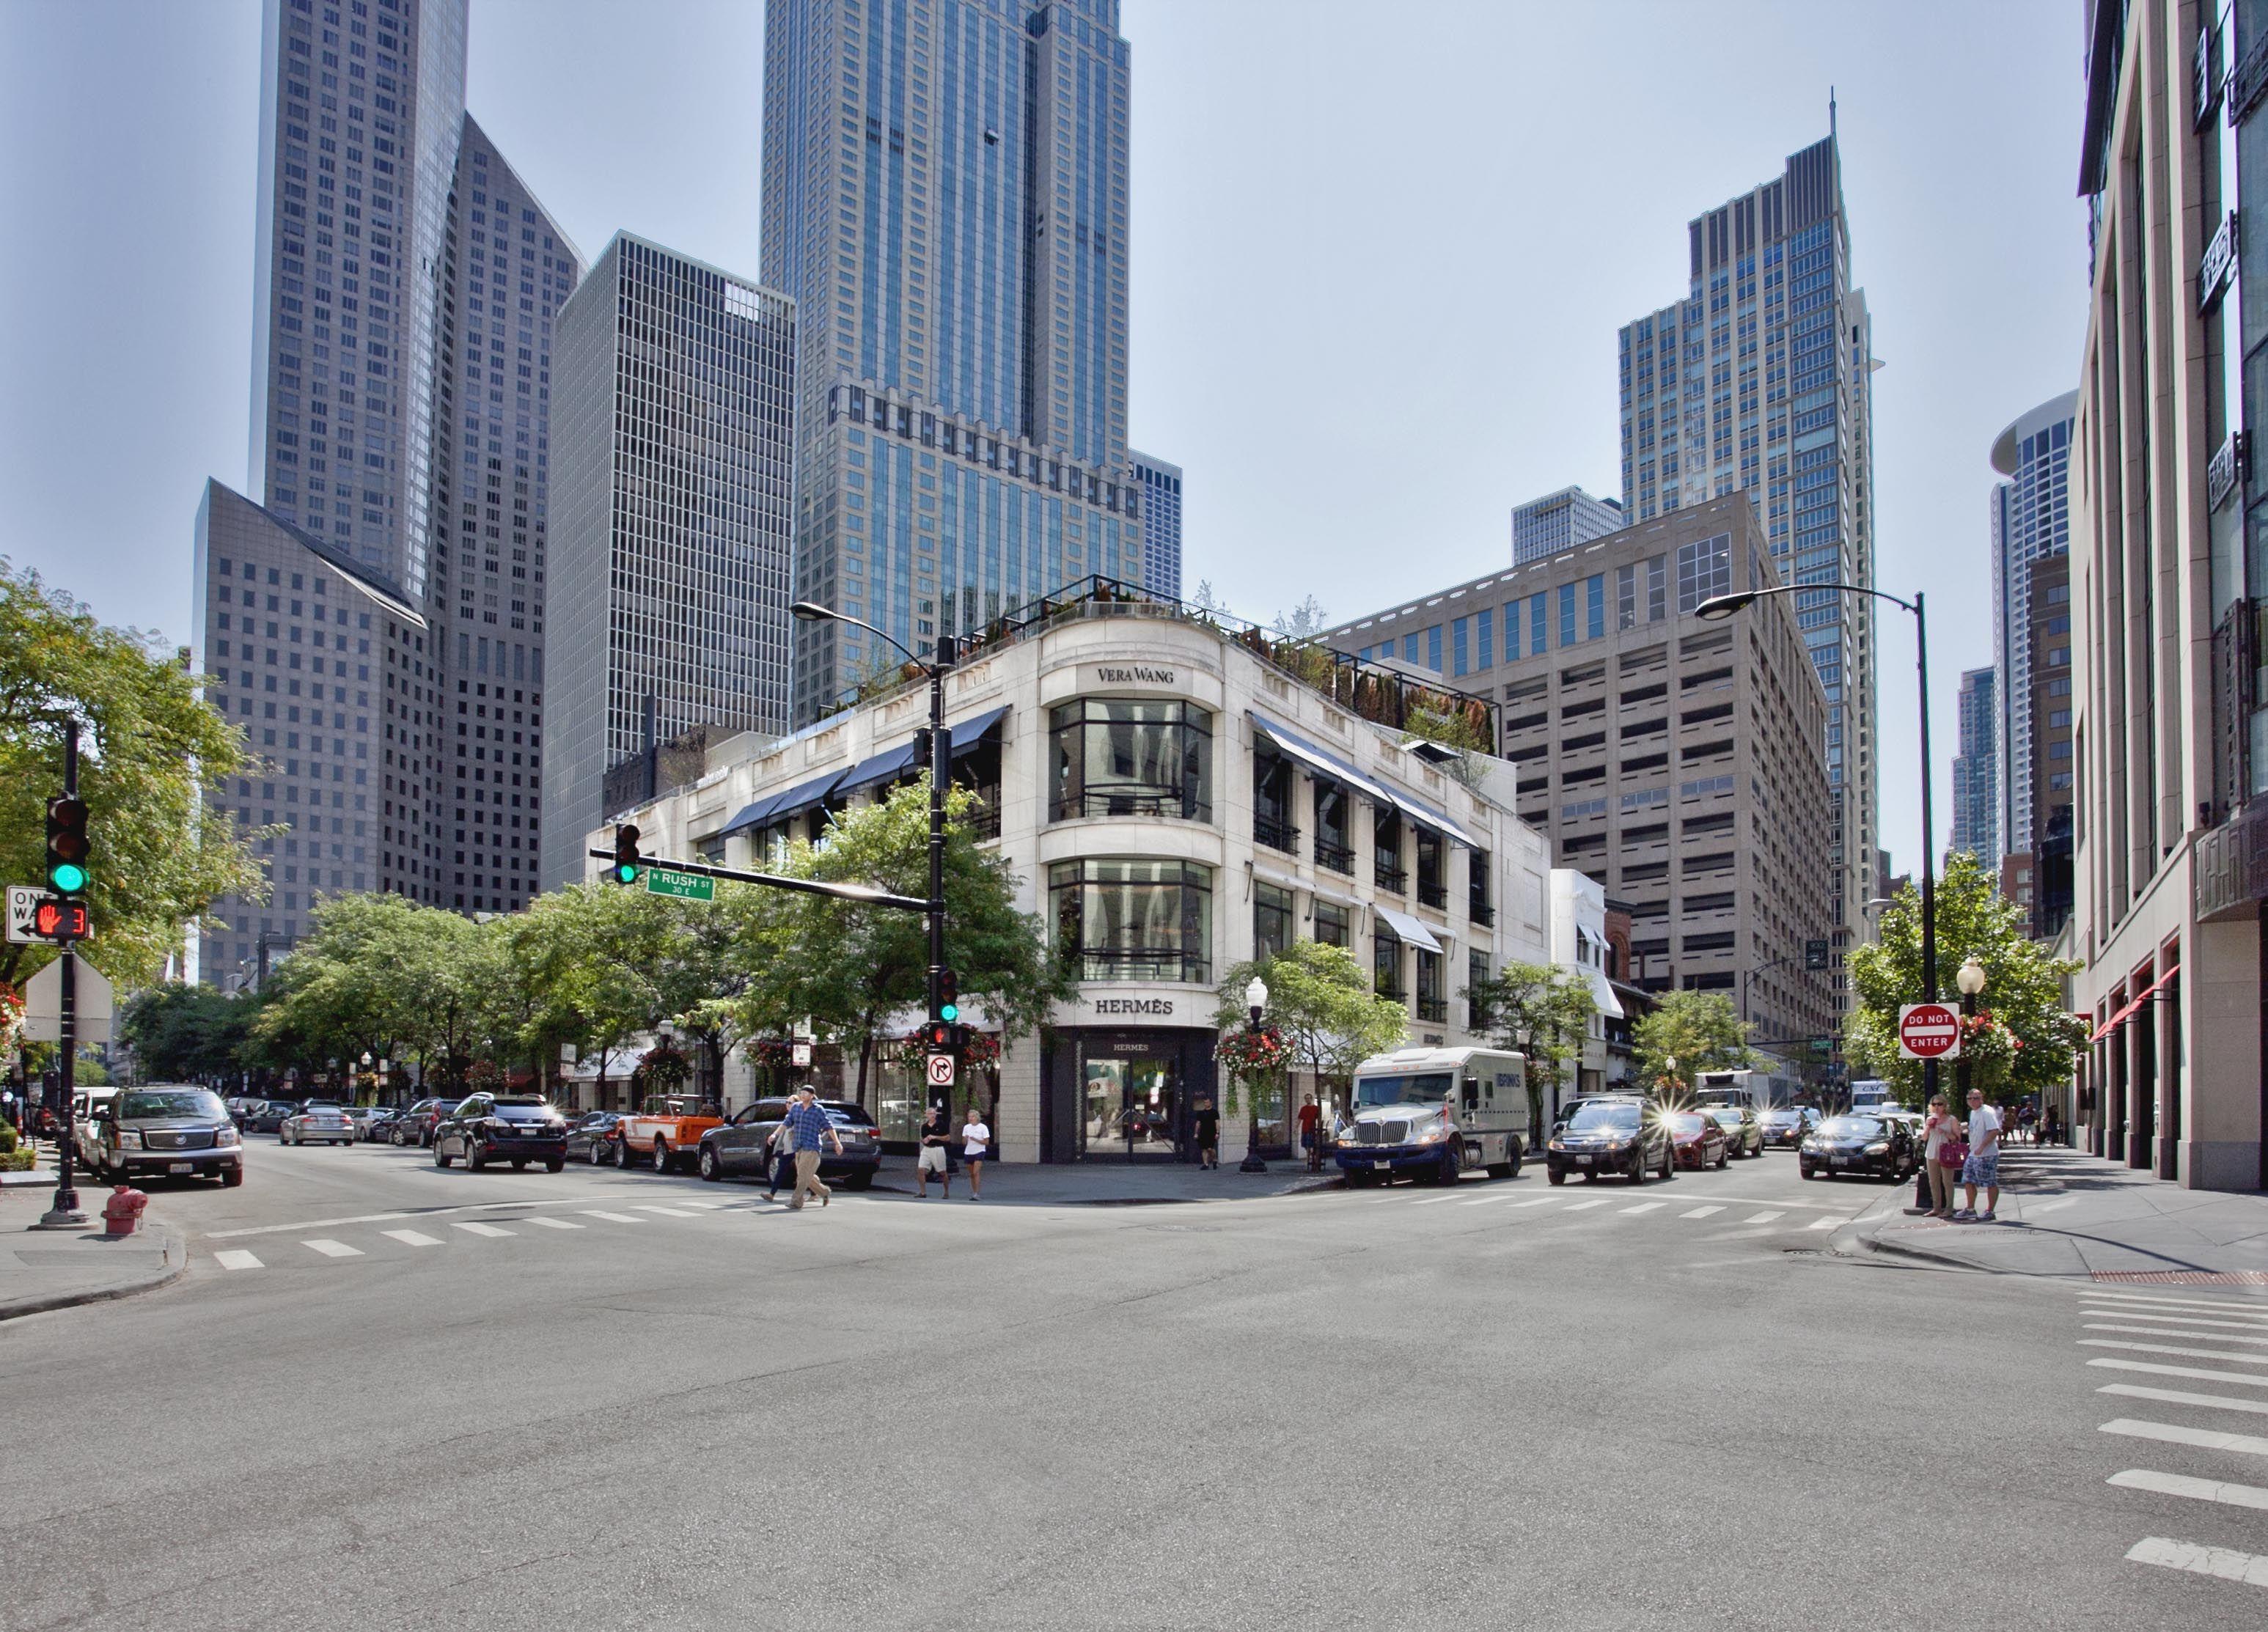 LG Construction + Development: Commercial Build, Chicago, IL